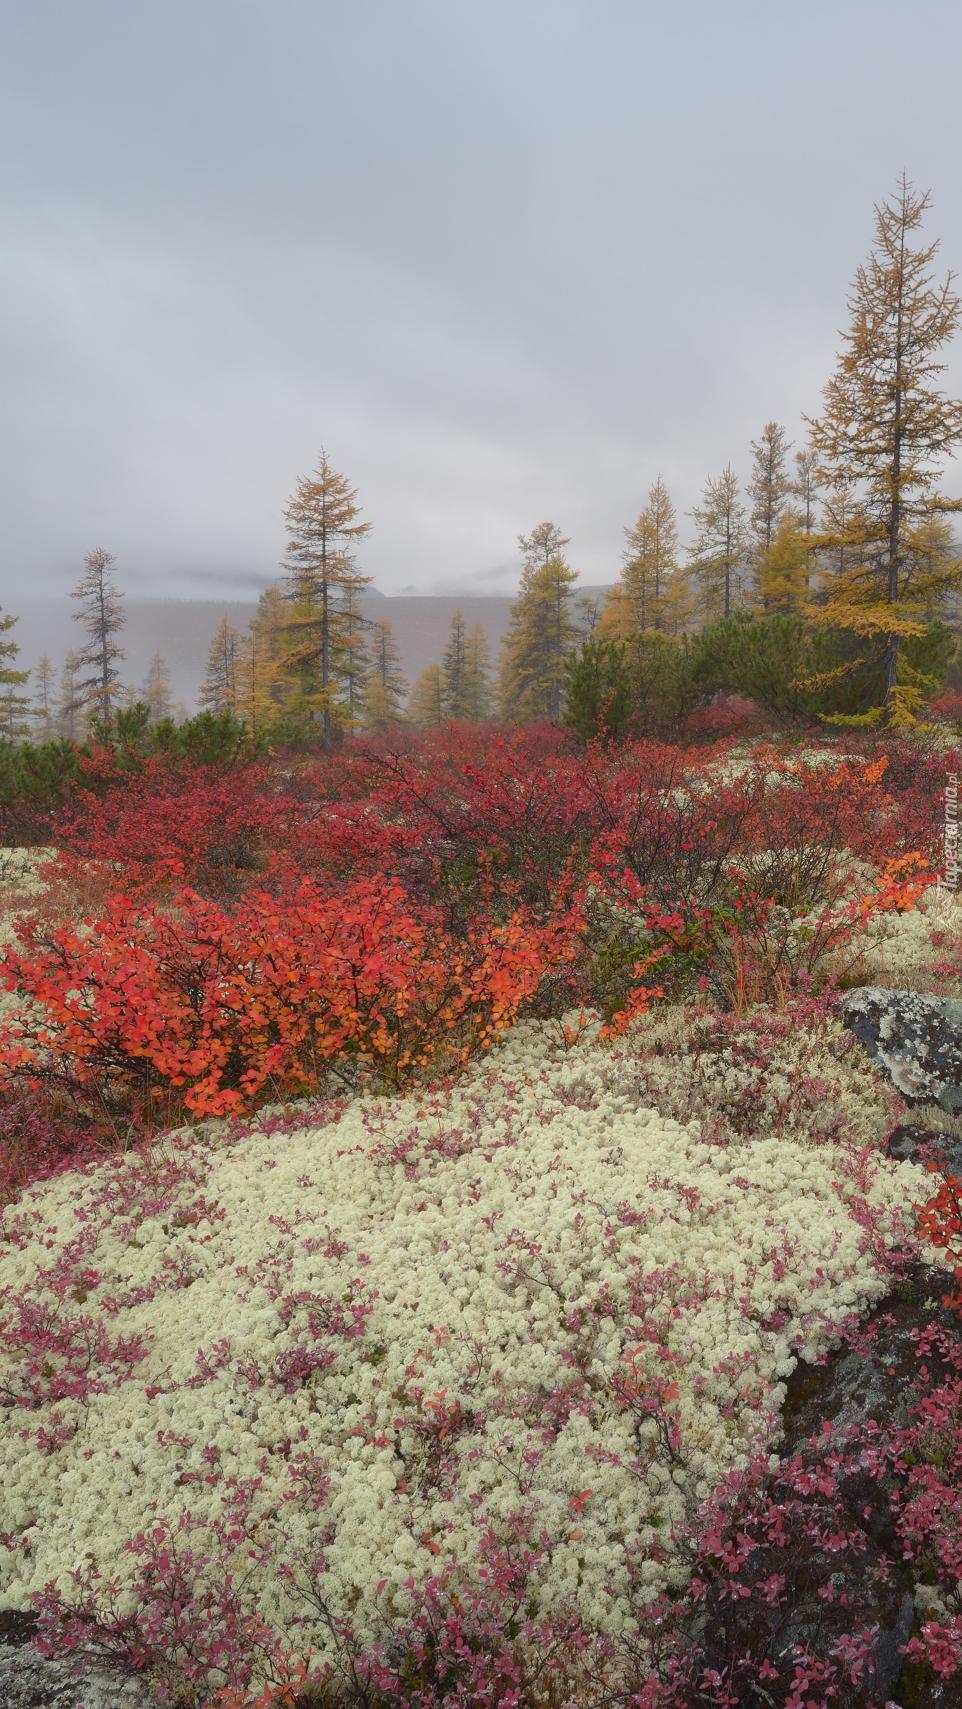 Drzewa i kolorowe rośliny